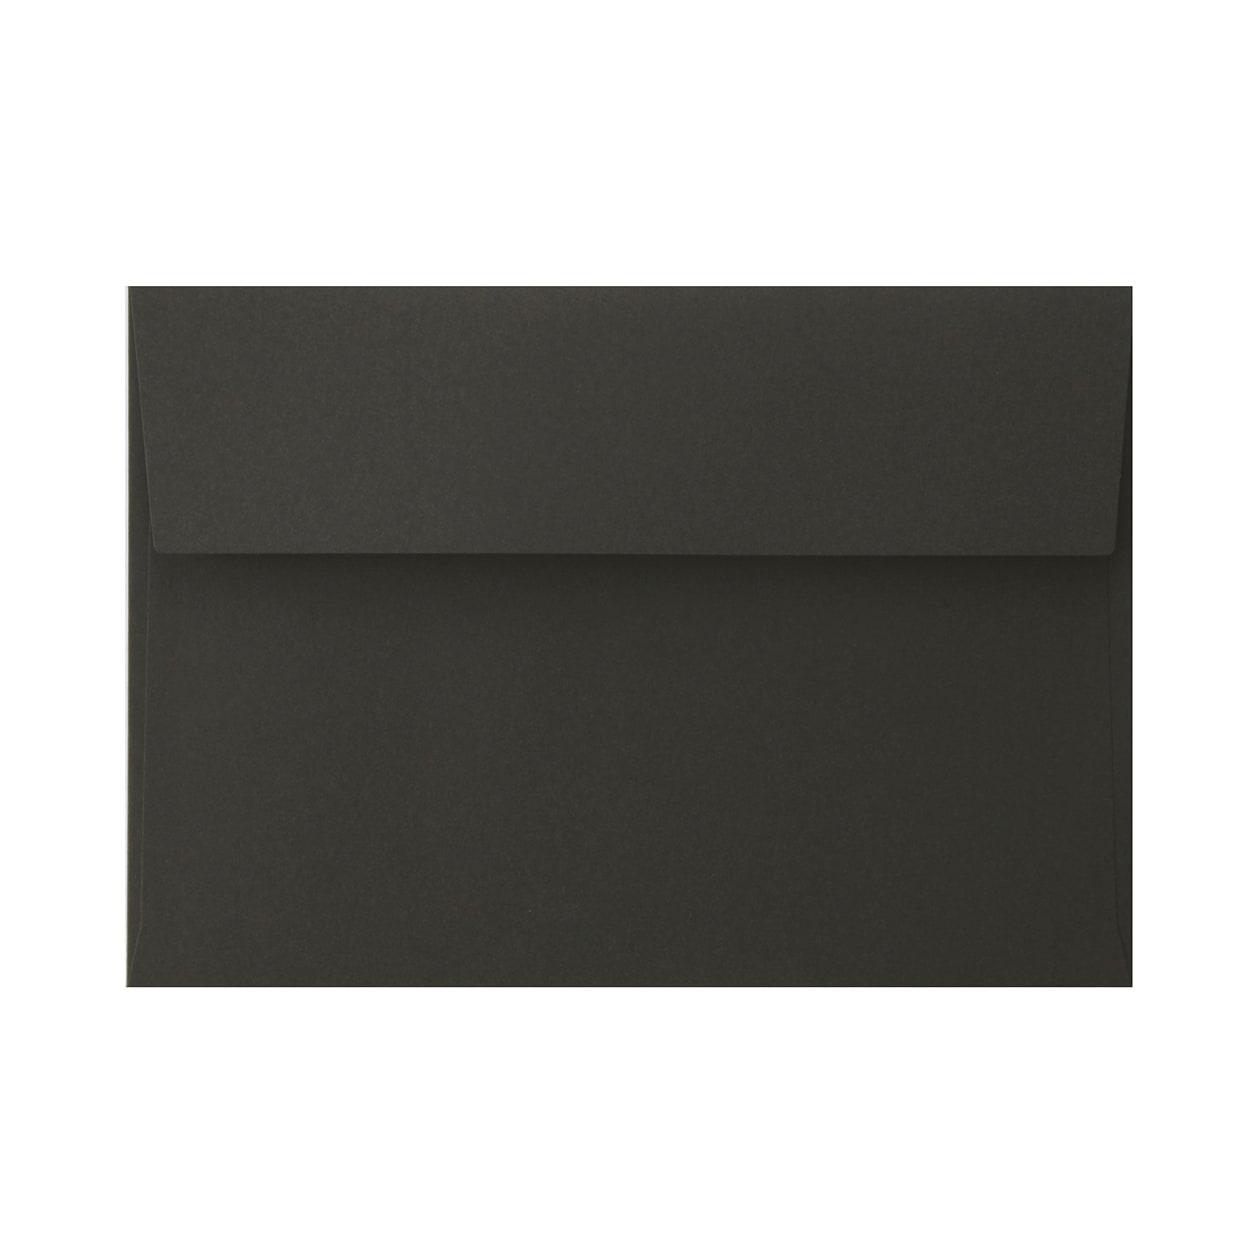 角6カマス封筒 コットン(NTラシャ) 黒 116.3g